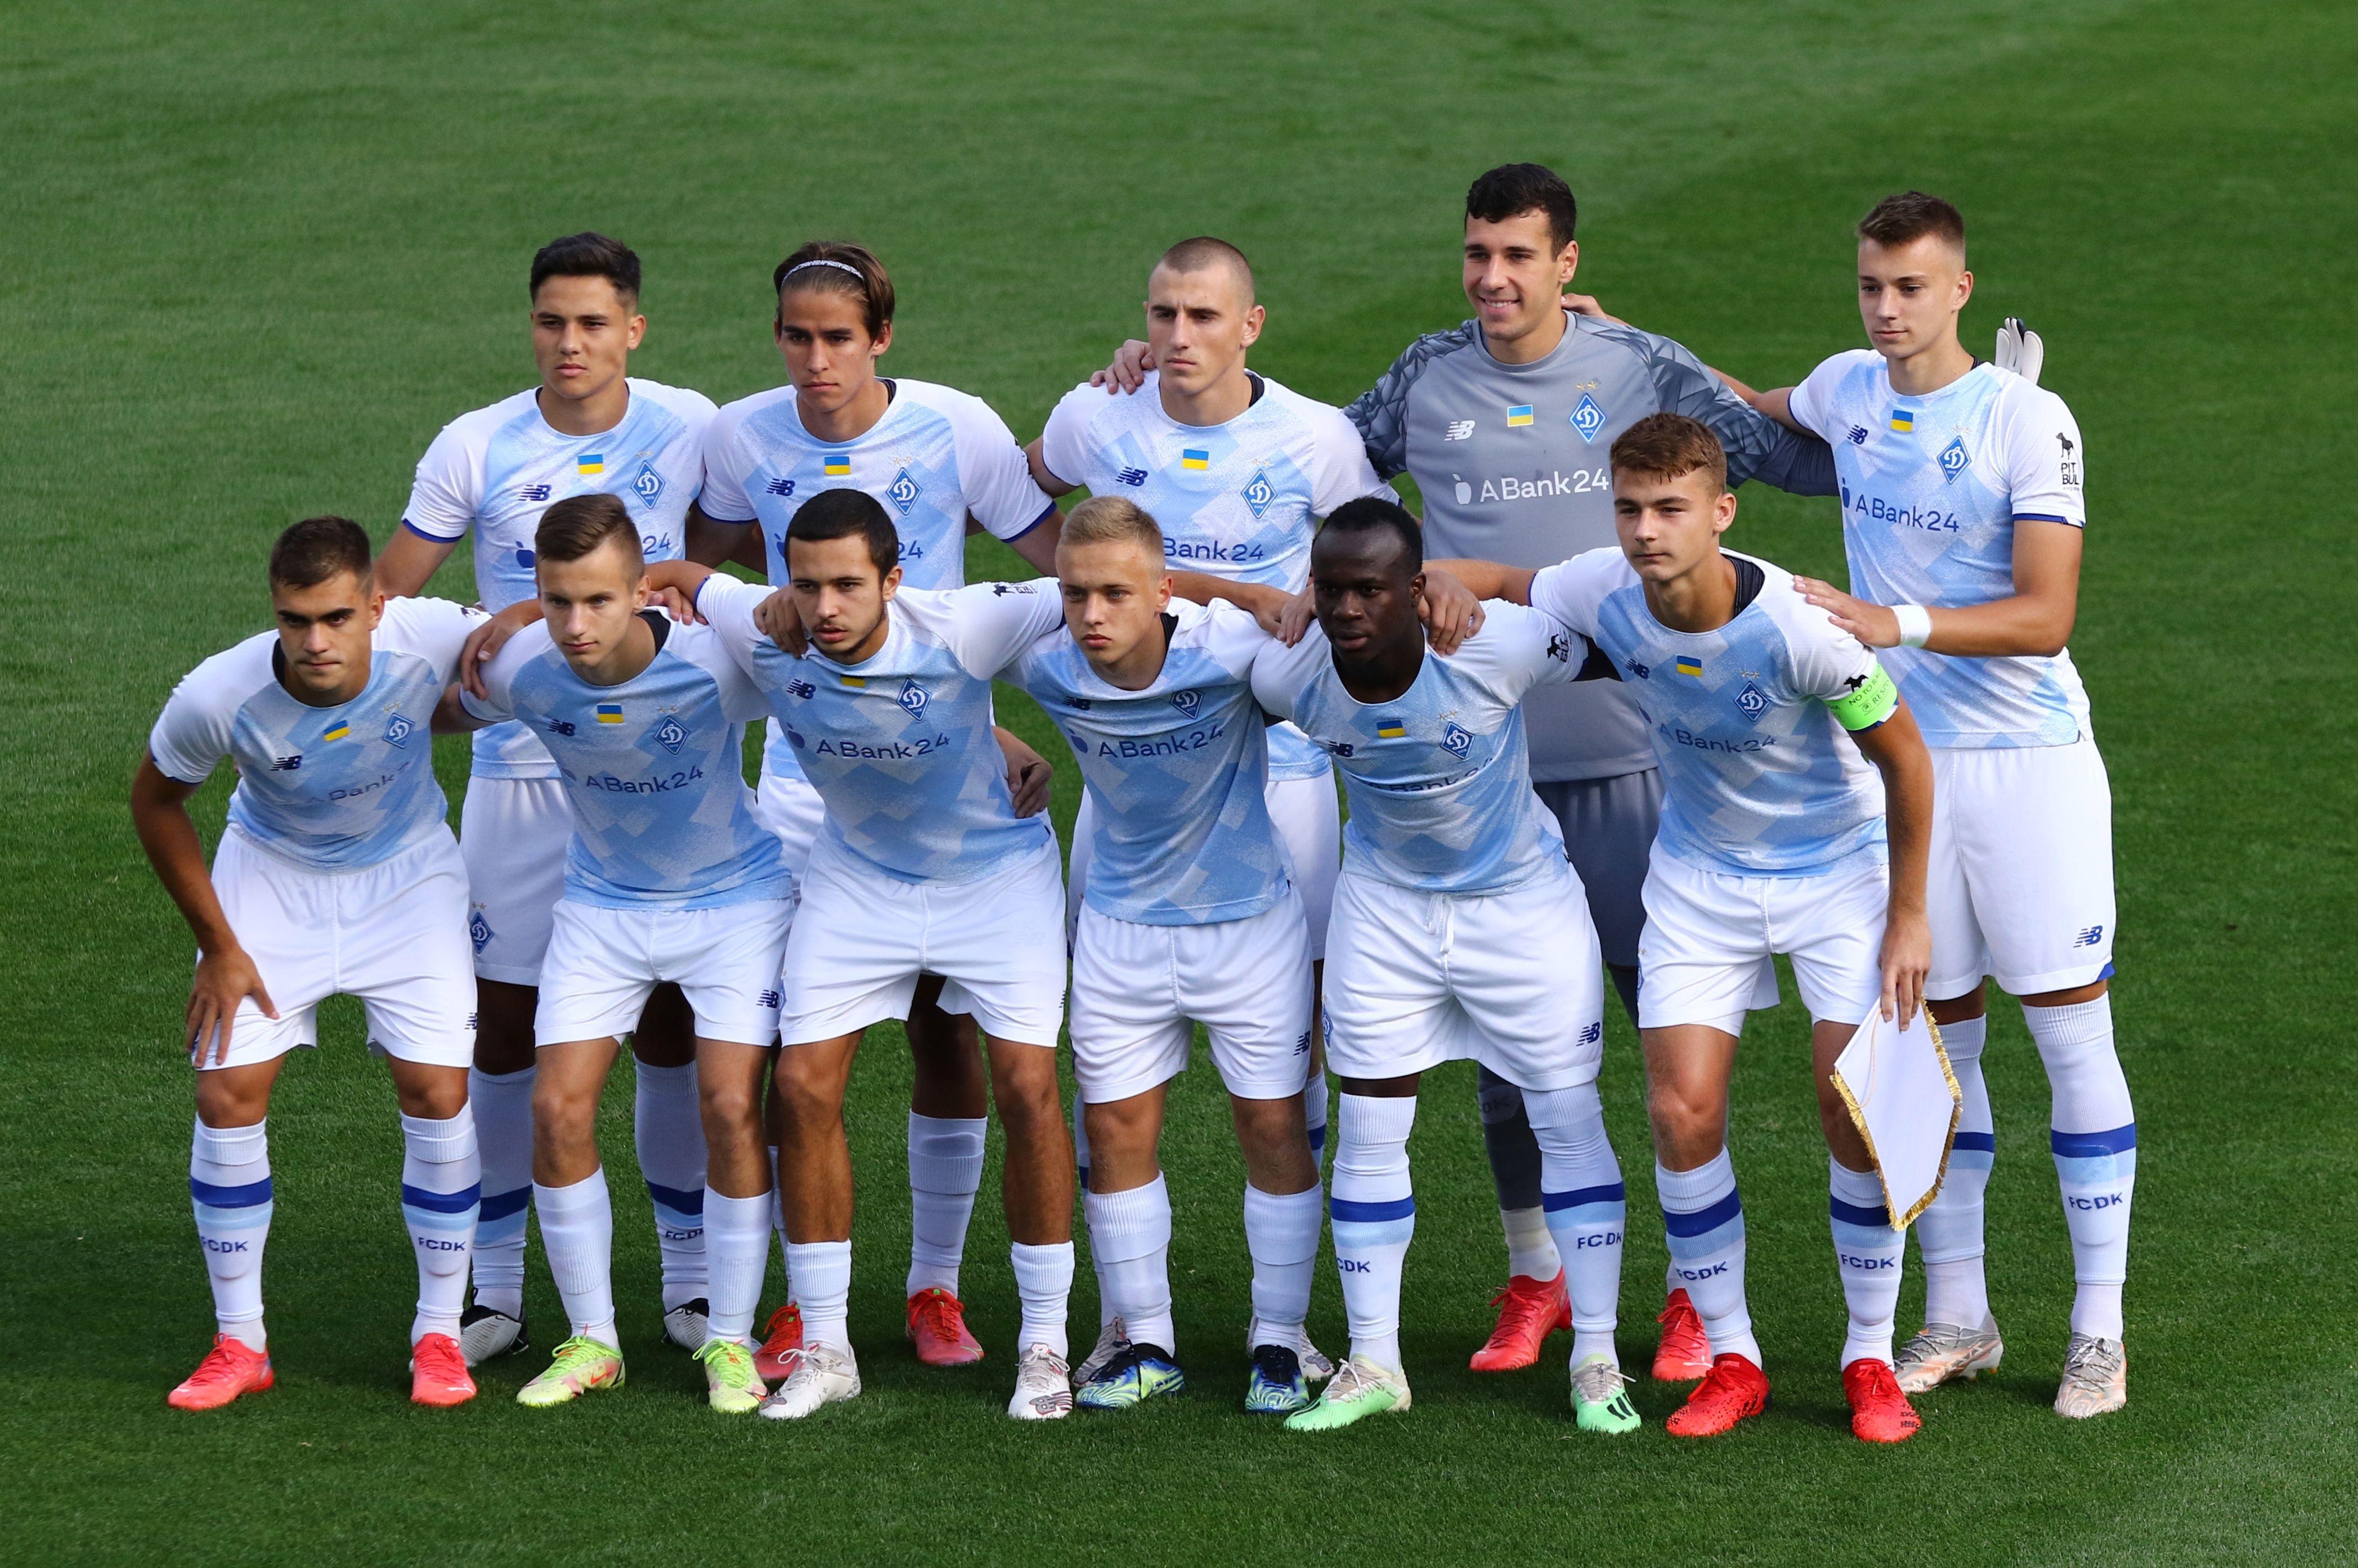 Отличный старт! ФОТО репортаж с матча Юношеской лиги УЕФА Динамо - Бенфика 4:0 - фото 3